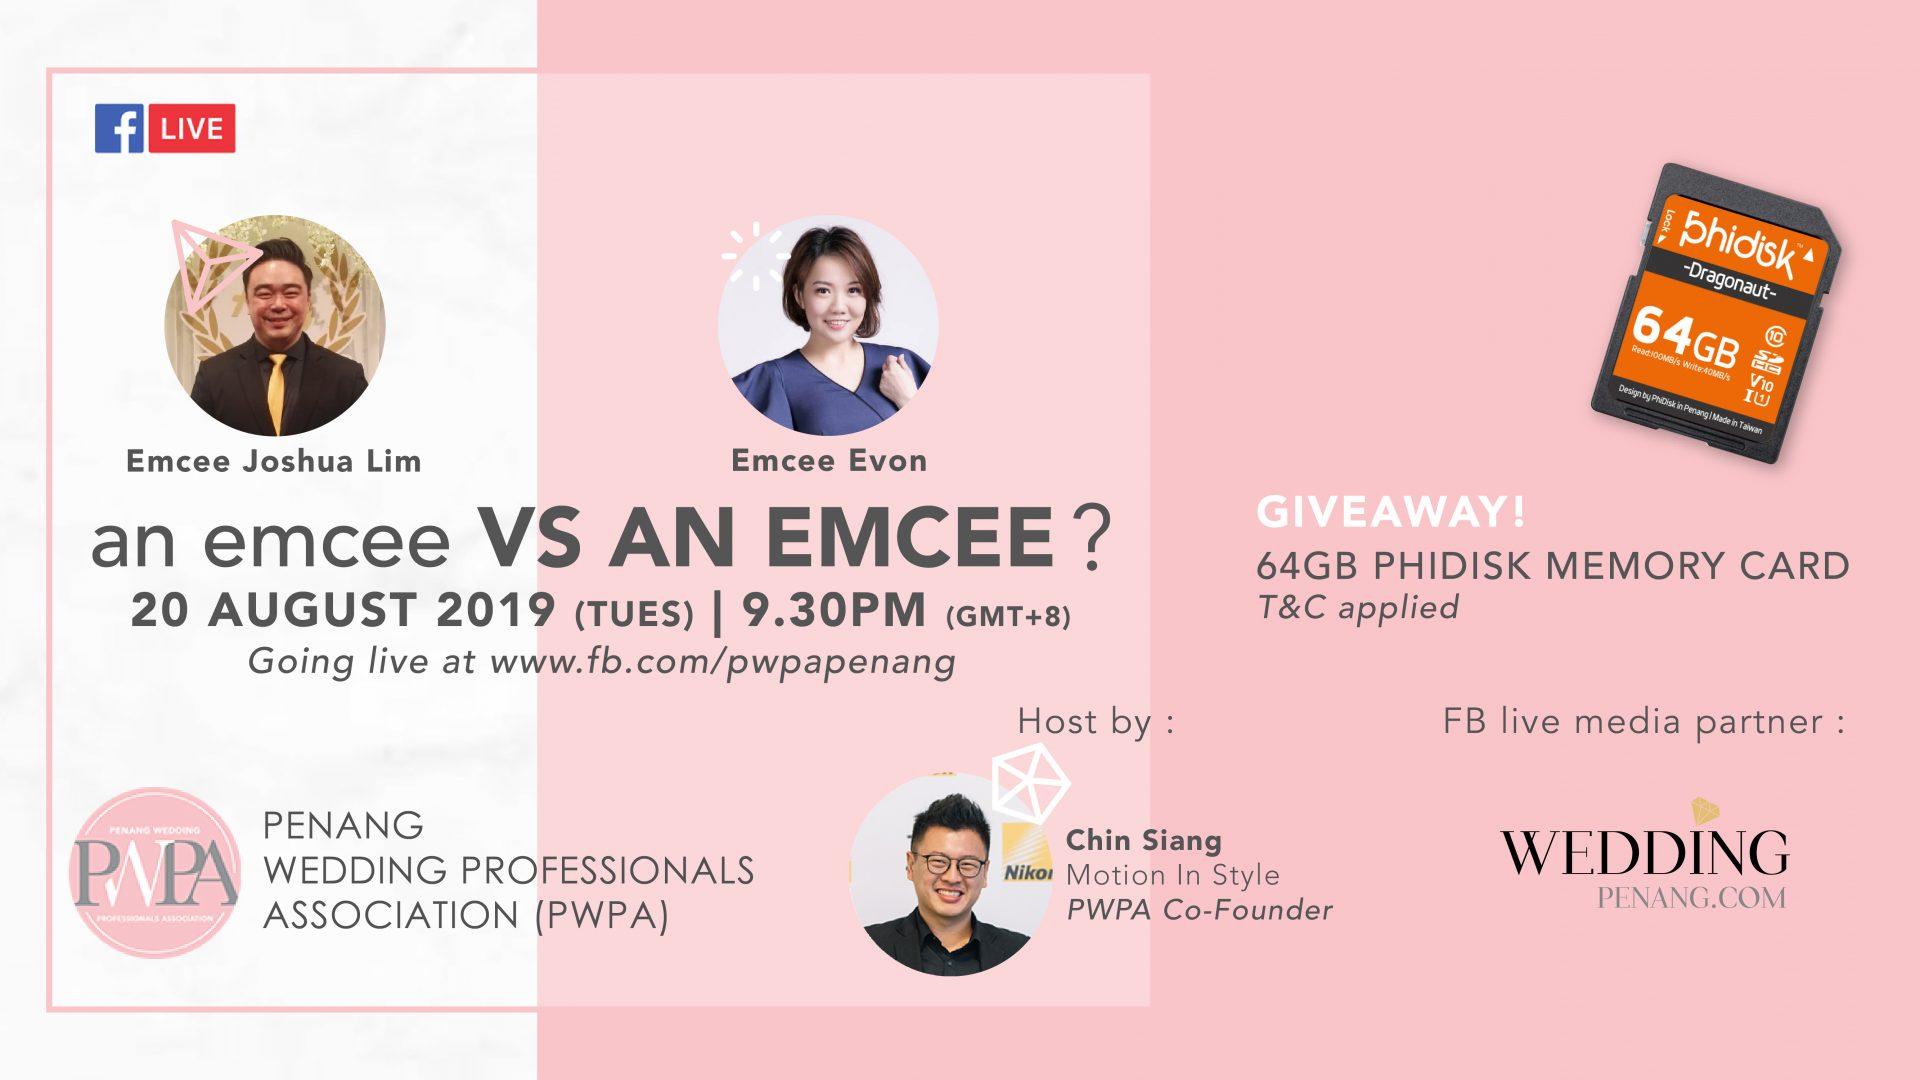 an emcee VS AN EMCEE